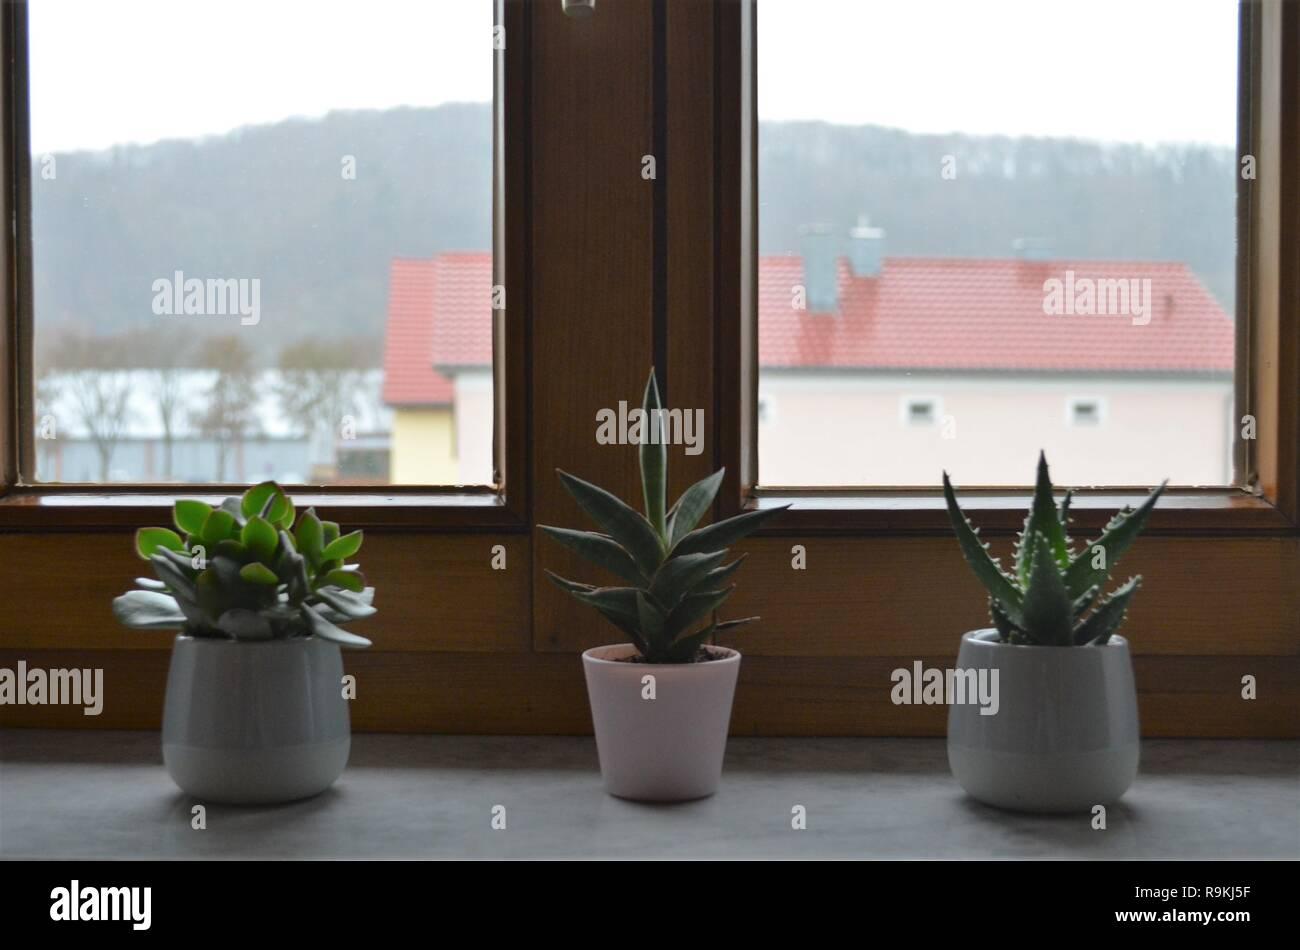 Drei Kakteen Auf Der Fensterbank In Einer Reihe Als Dekoration Inspirierende Idee Fur Das Schlafzimmer Stockfotografie Alamy